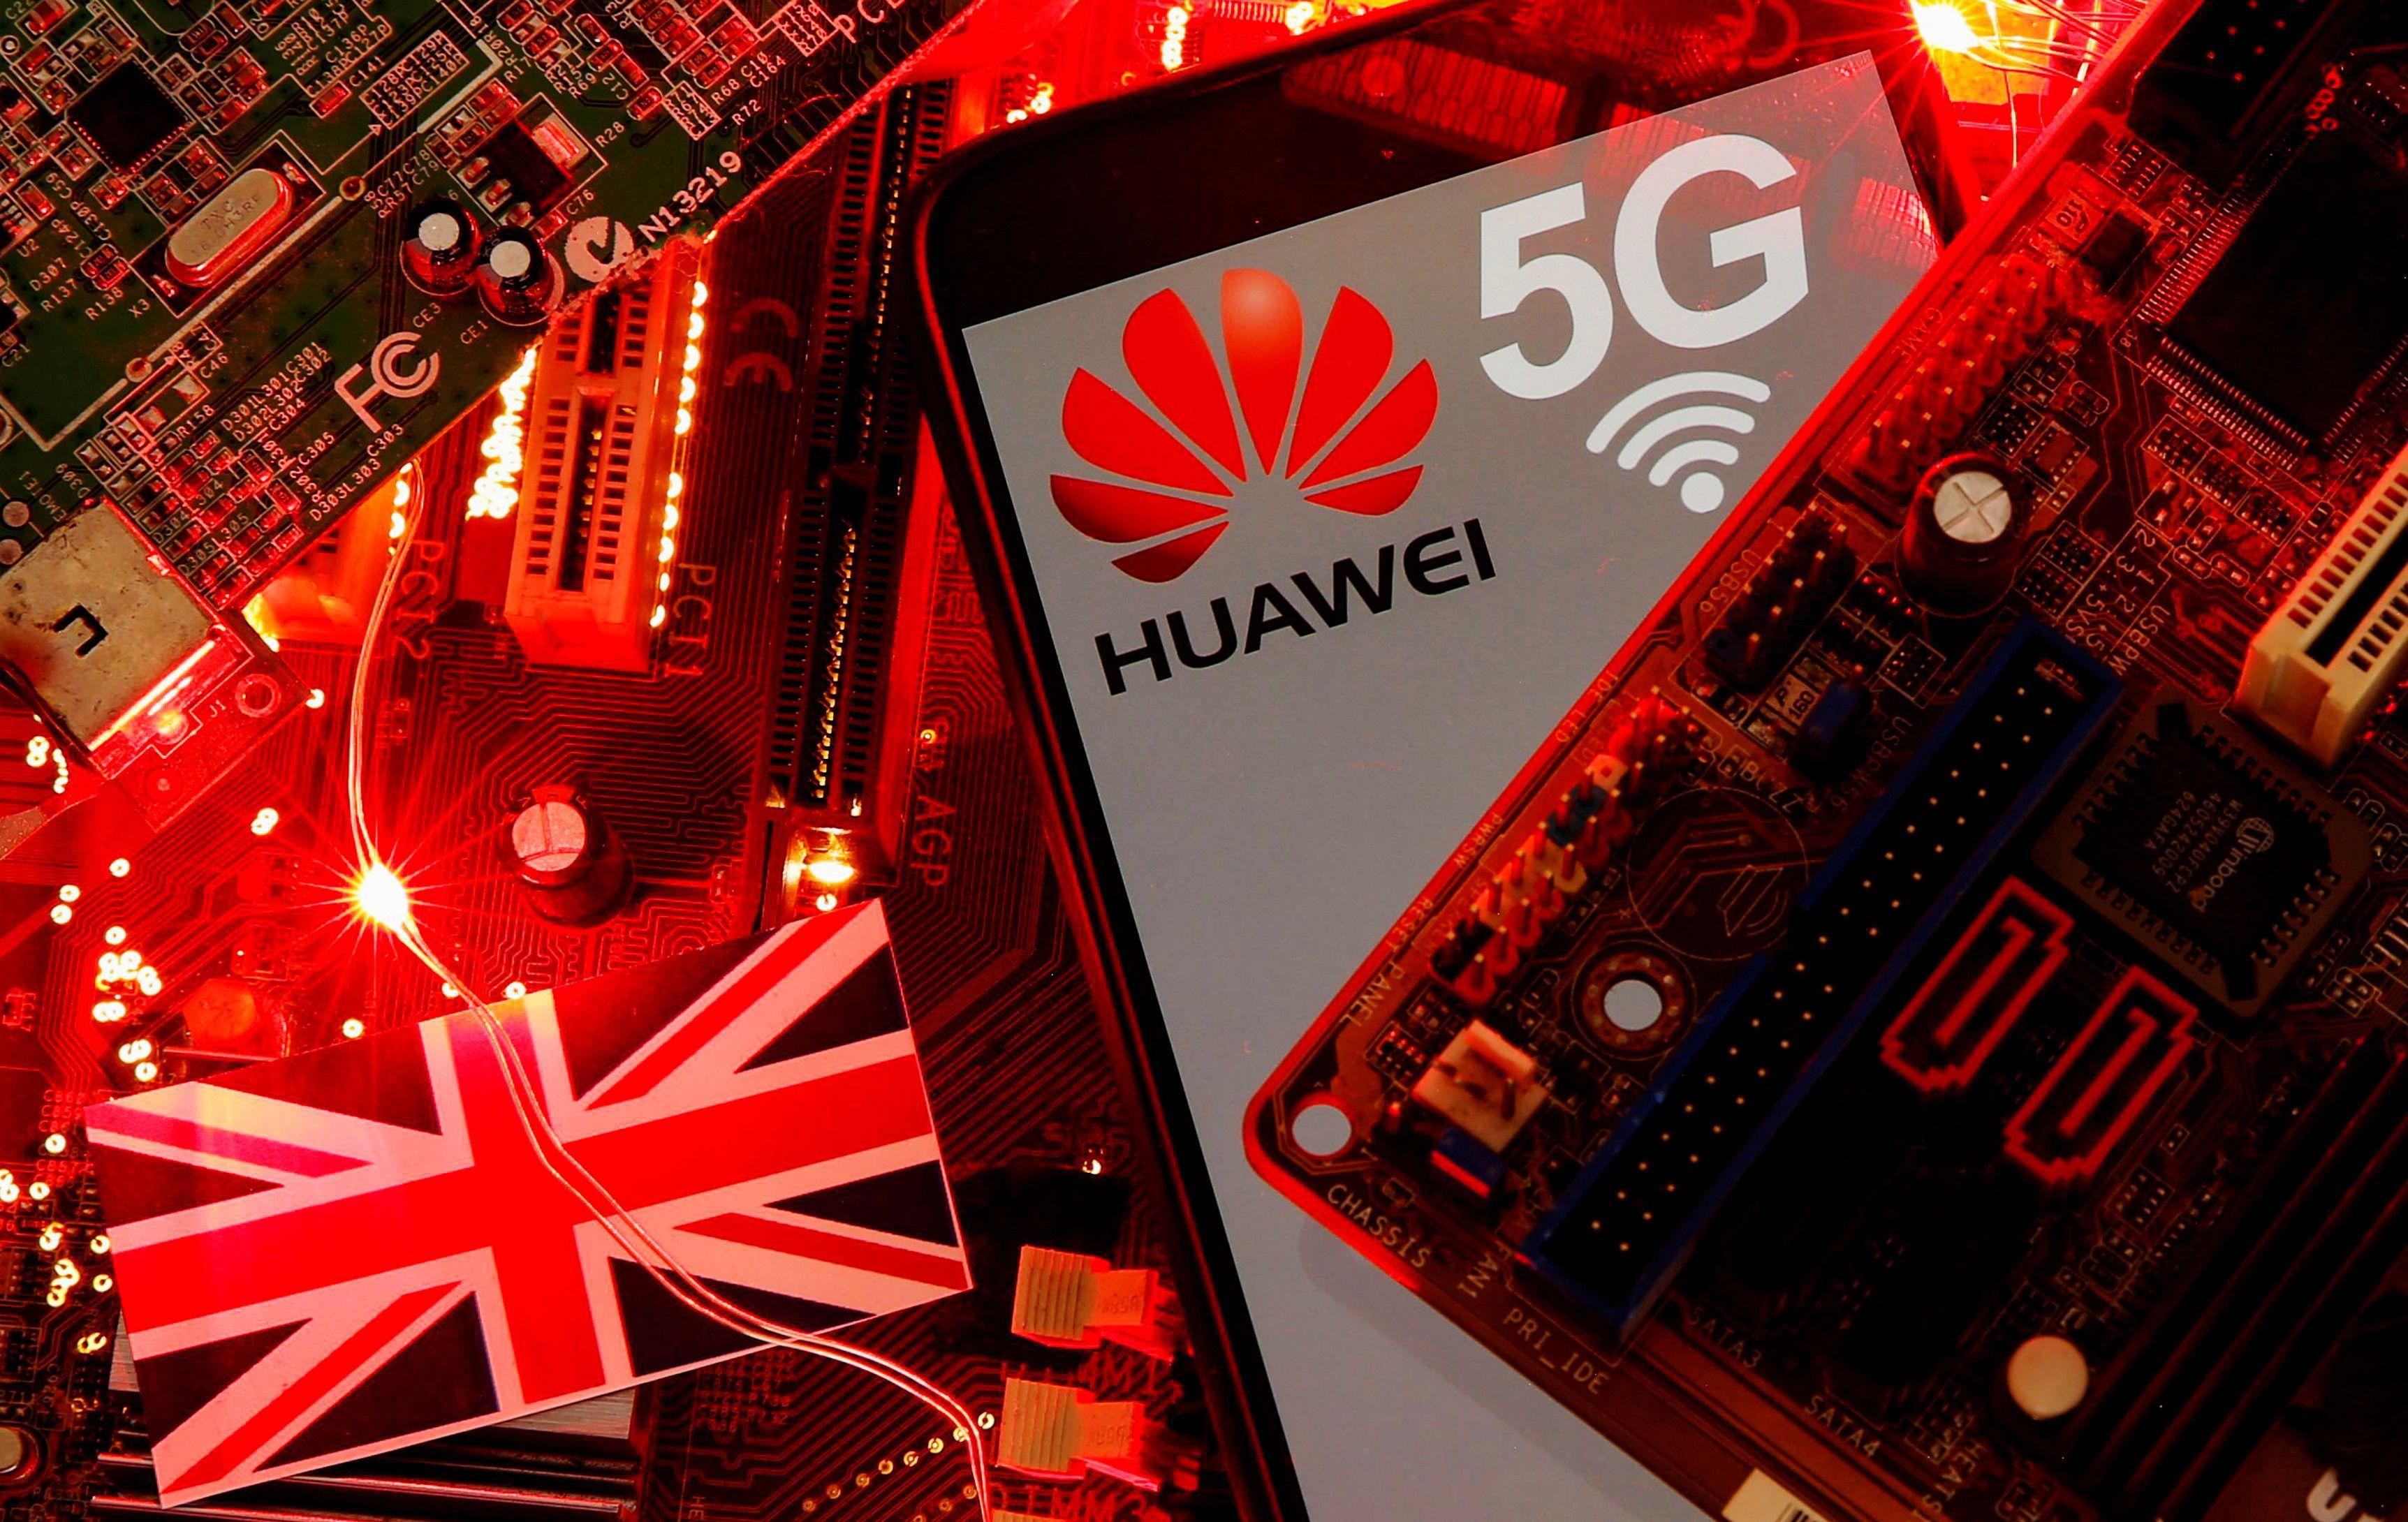 El Reino Unido prohibirá a las compañías de telecomunicaciones instalar equipos de 5G de Huawei a partir de septiembre de 2021, Cloud Pocket 365